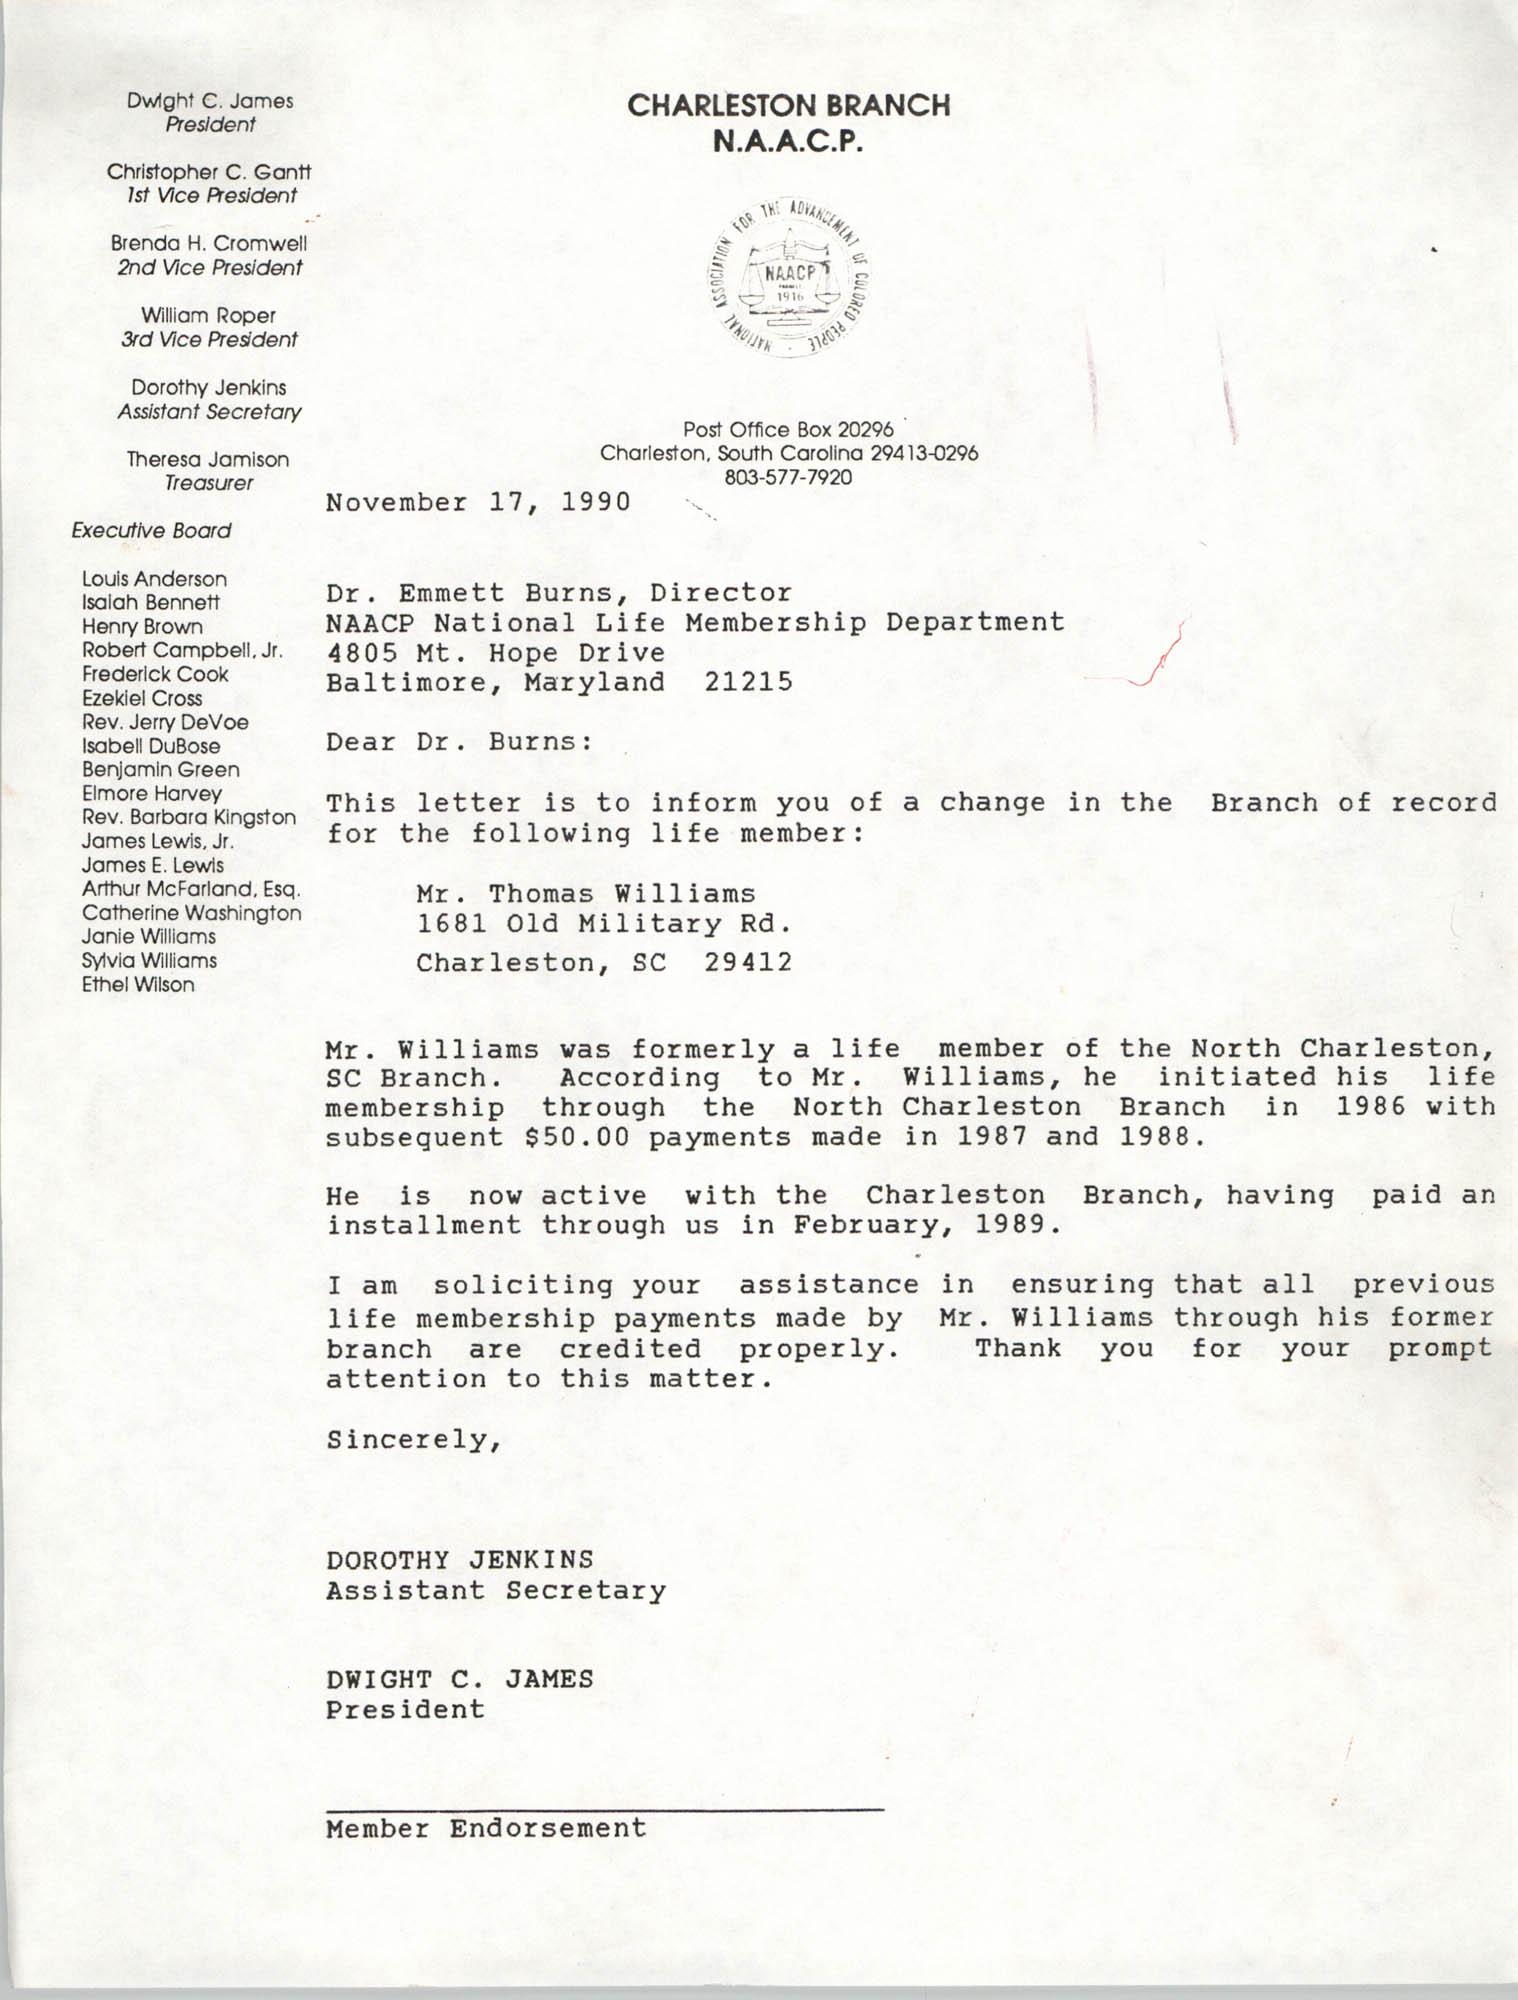 Letter from Dorothy Jenkins to Dr Emmett Burns, November 17, 1990